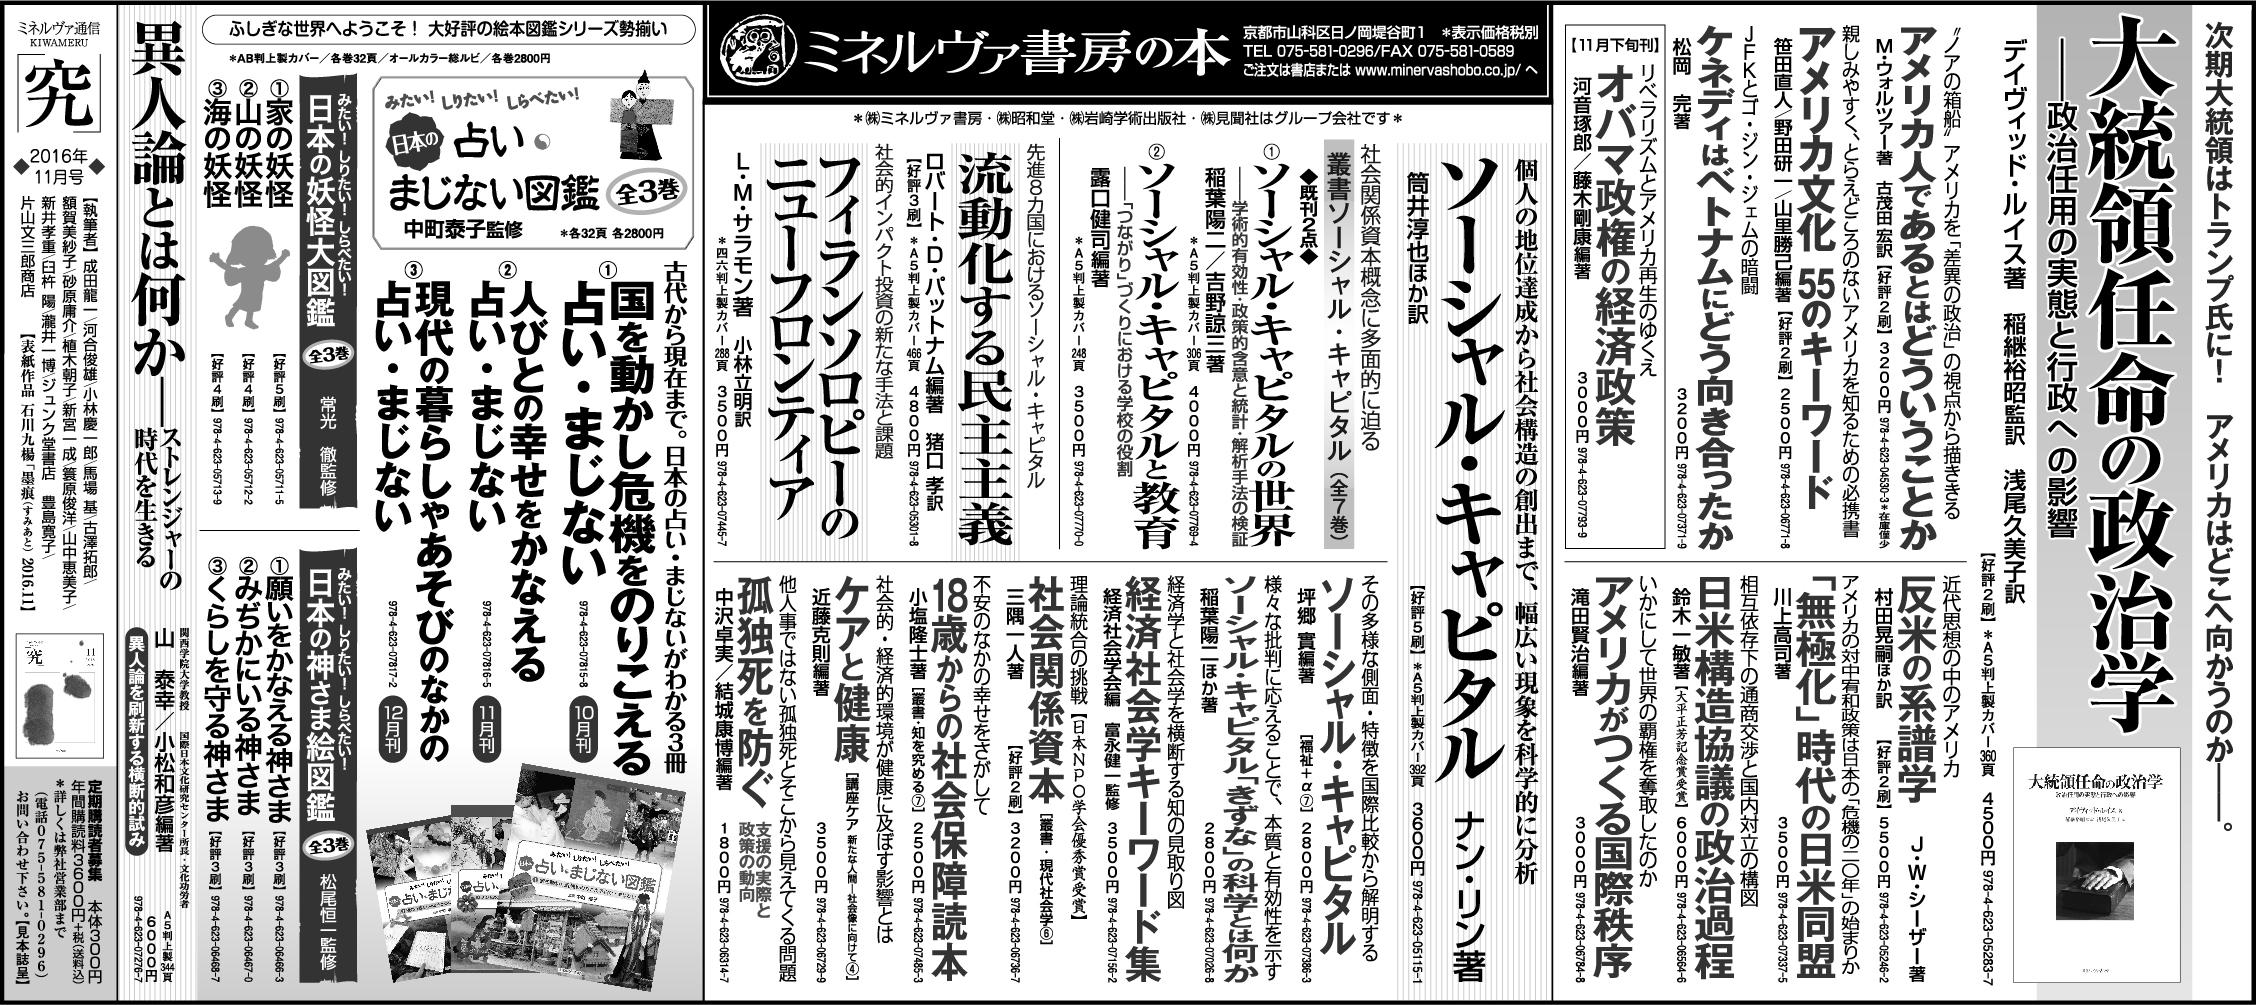 朝日新聞2016年11月13日(読書面)全5段広告